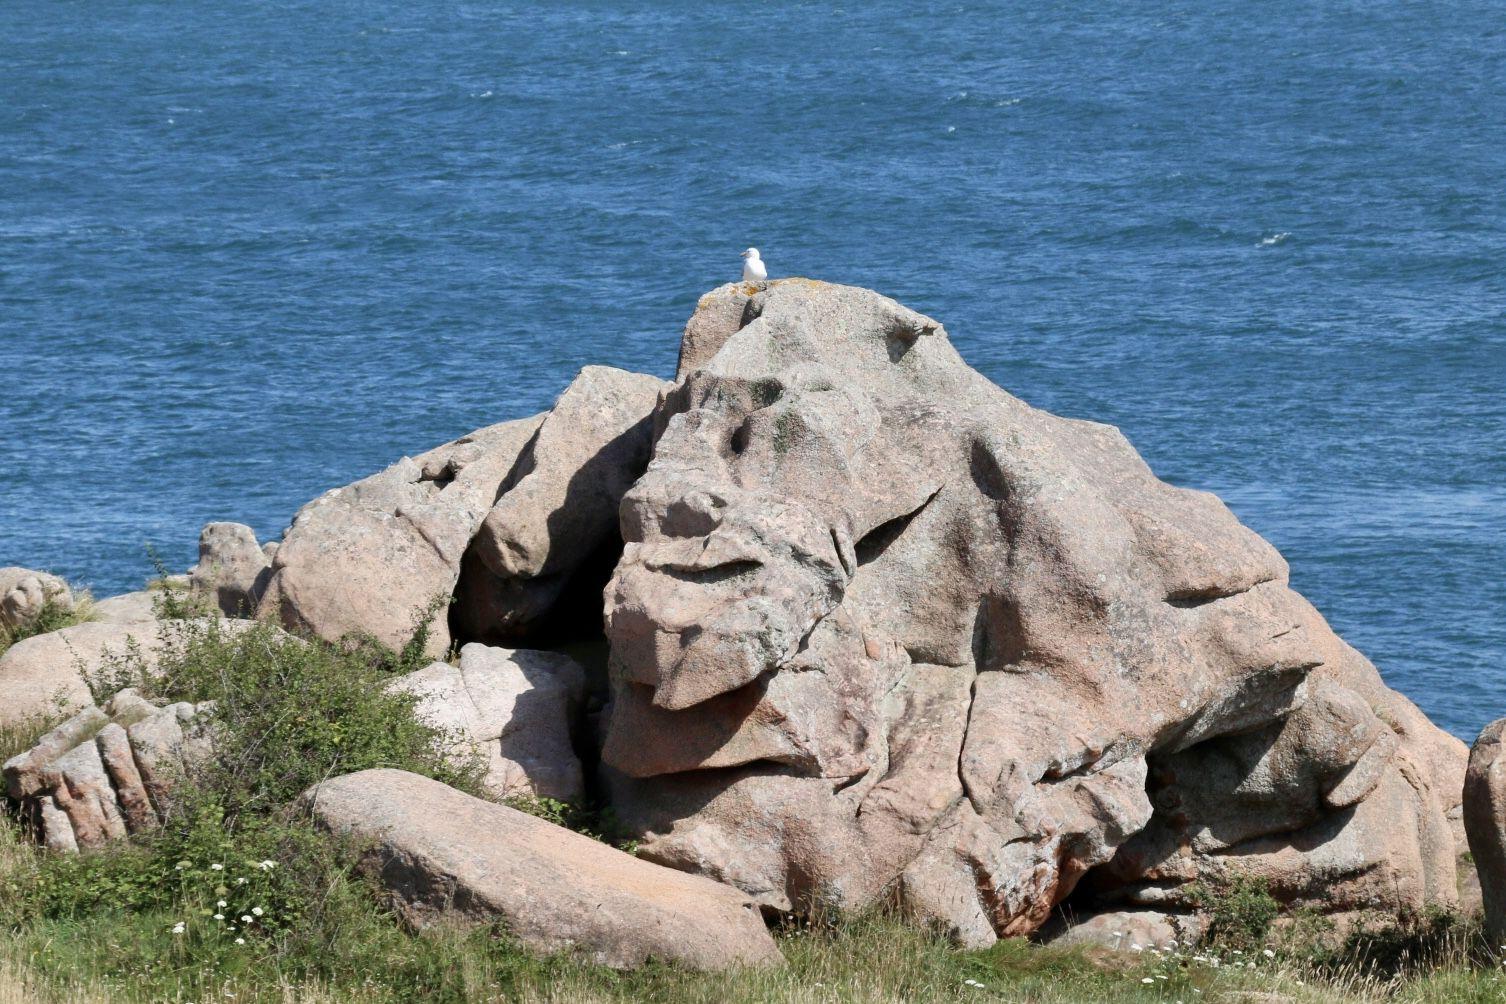 Les rochers de granit roses de Ploumanac'h